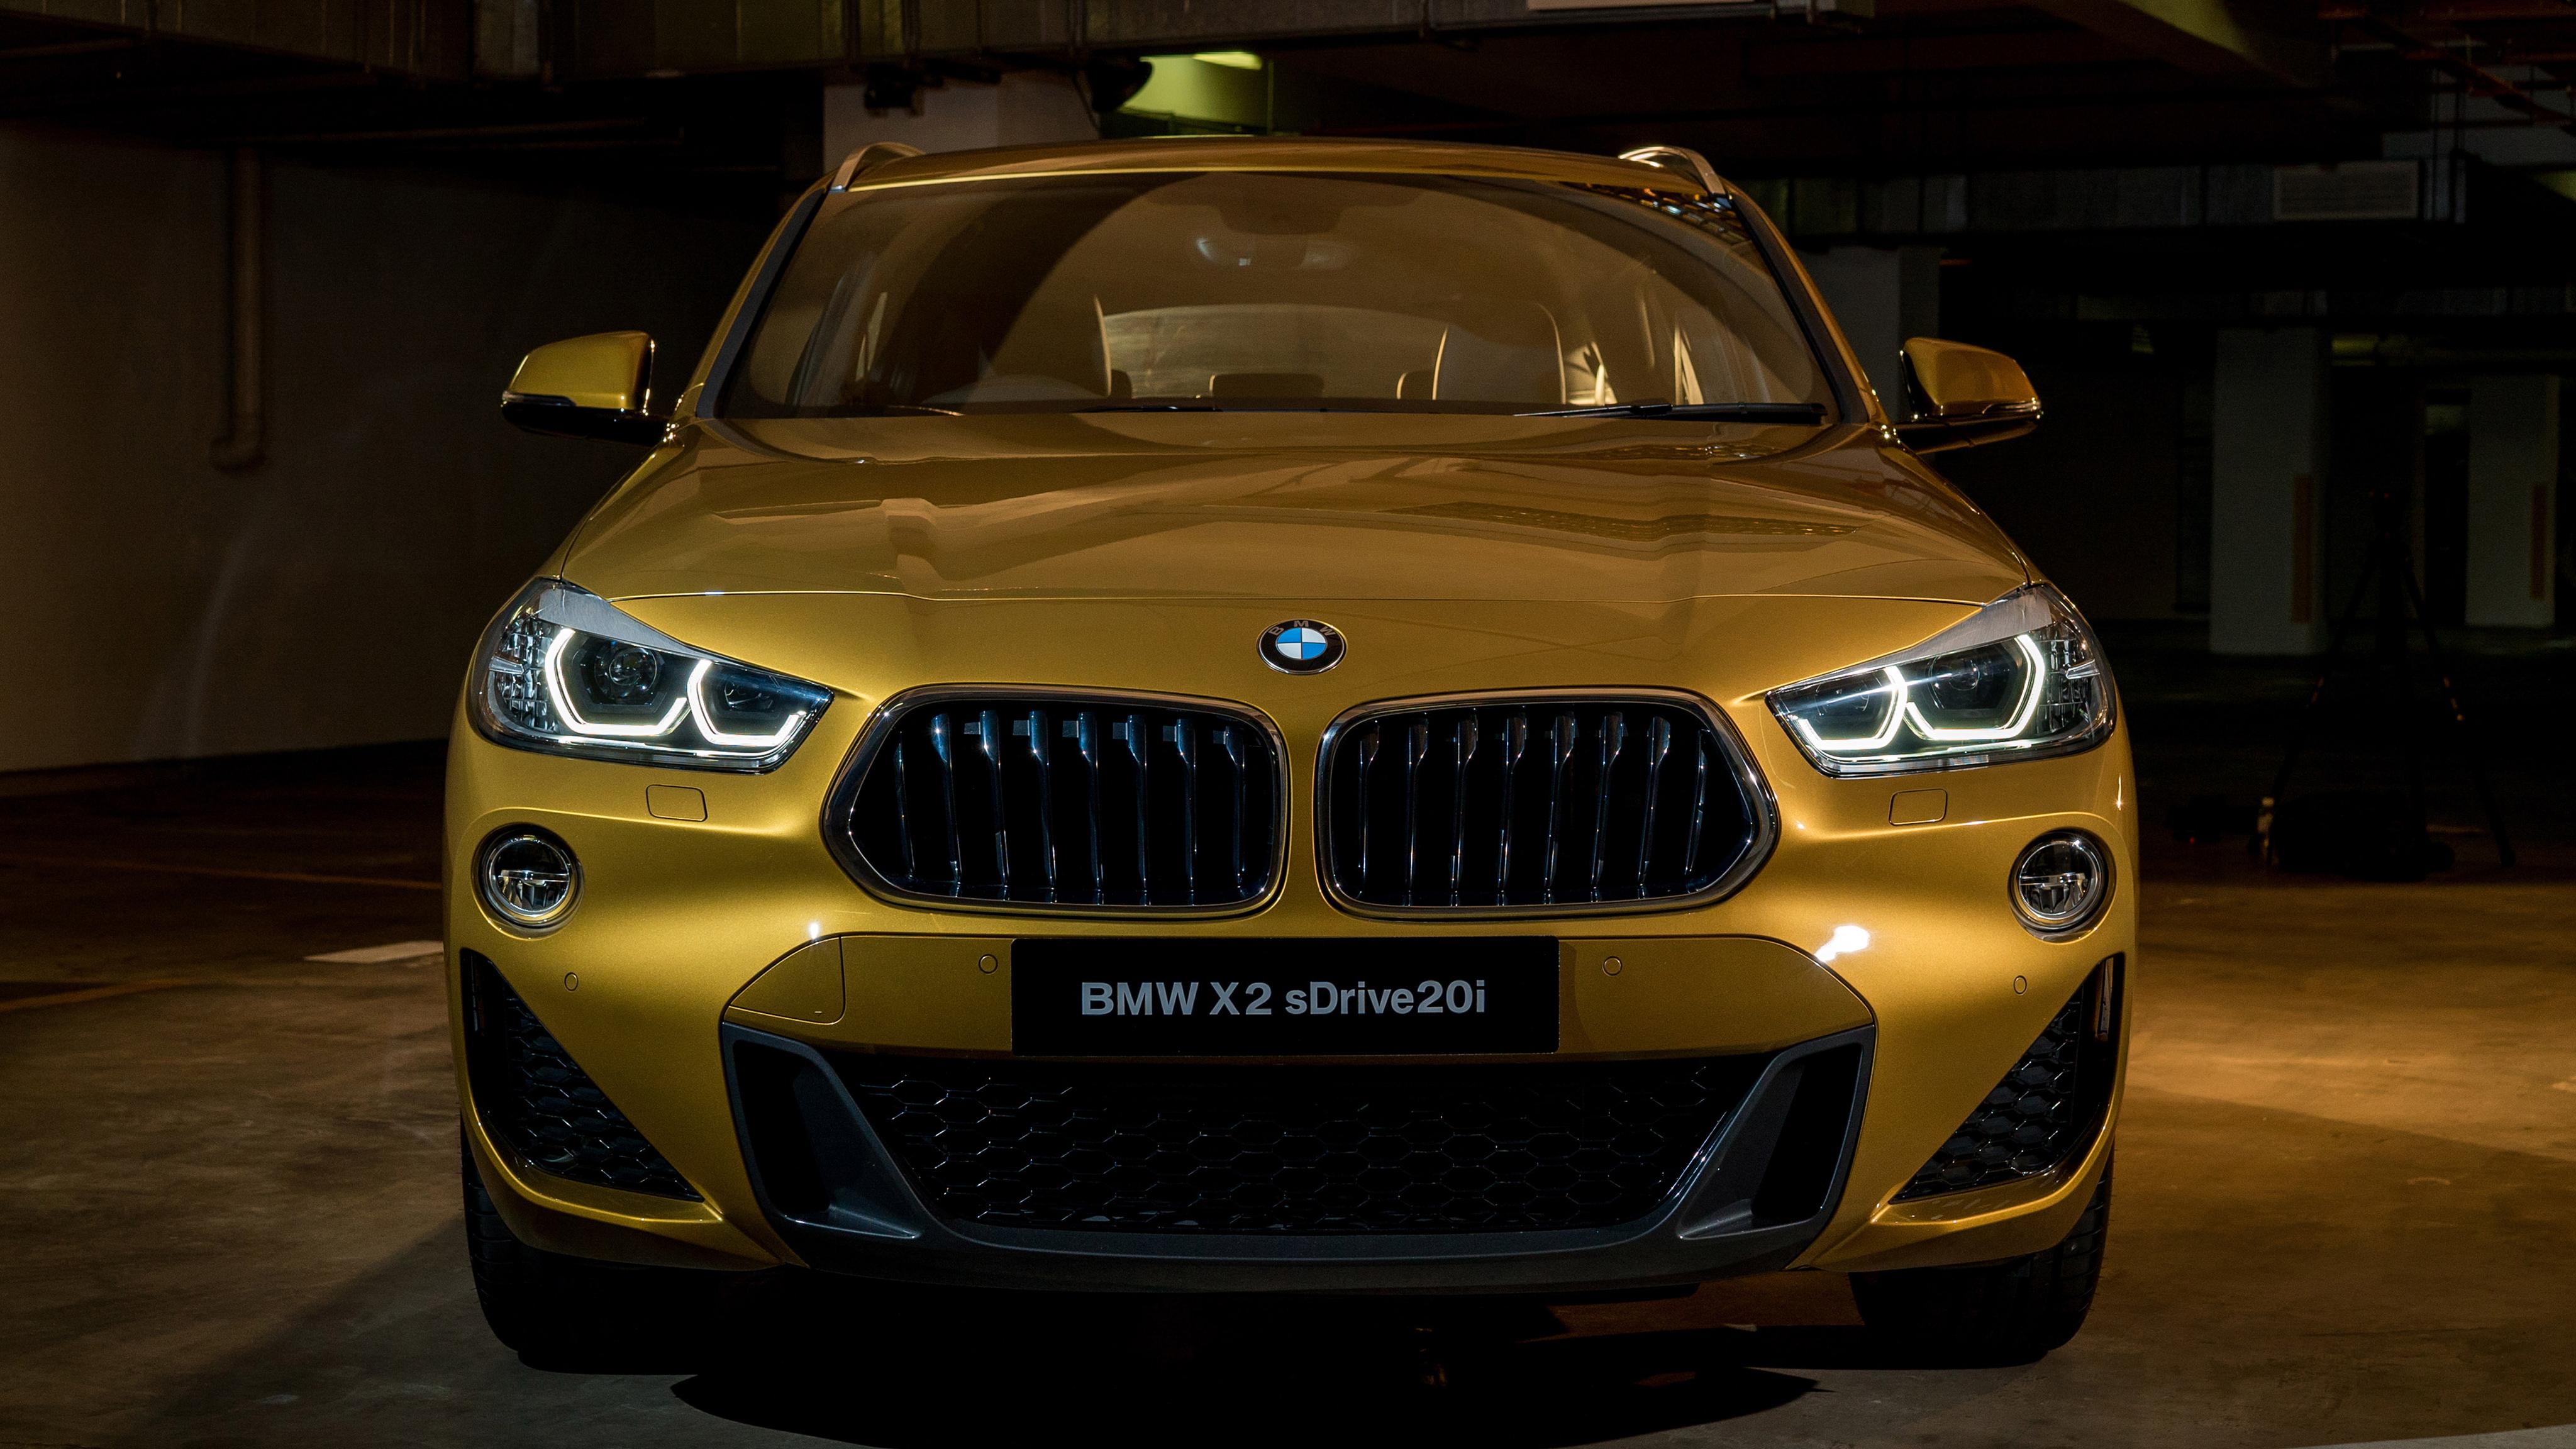 2018 Bmw X2 Sdrive20i M Sport 4k Wallpaper Hd Car Wallpapers Id 10112